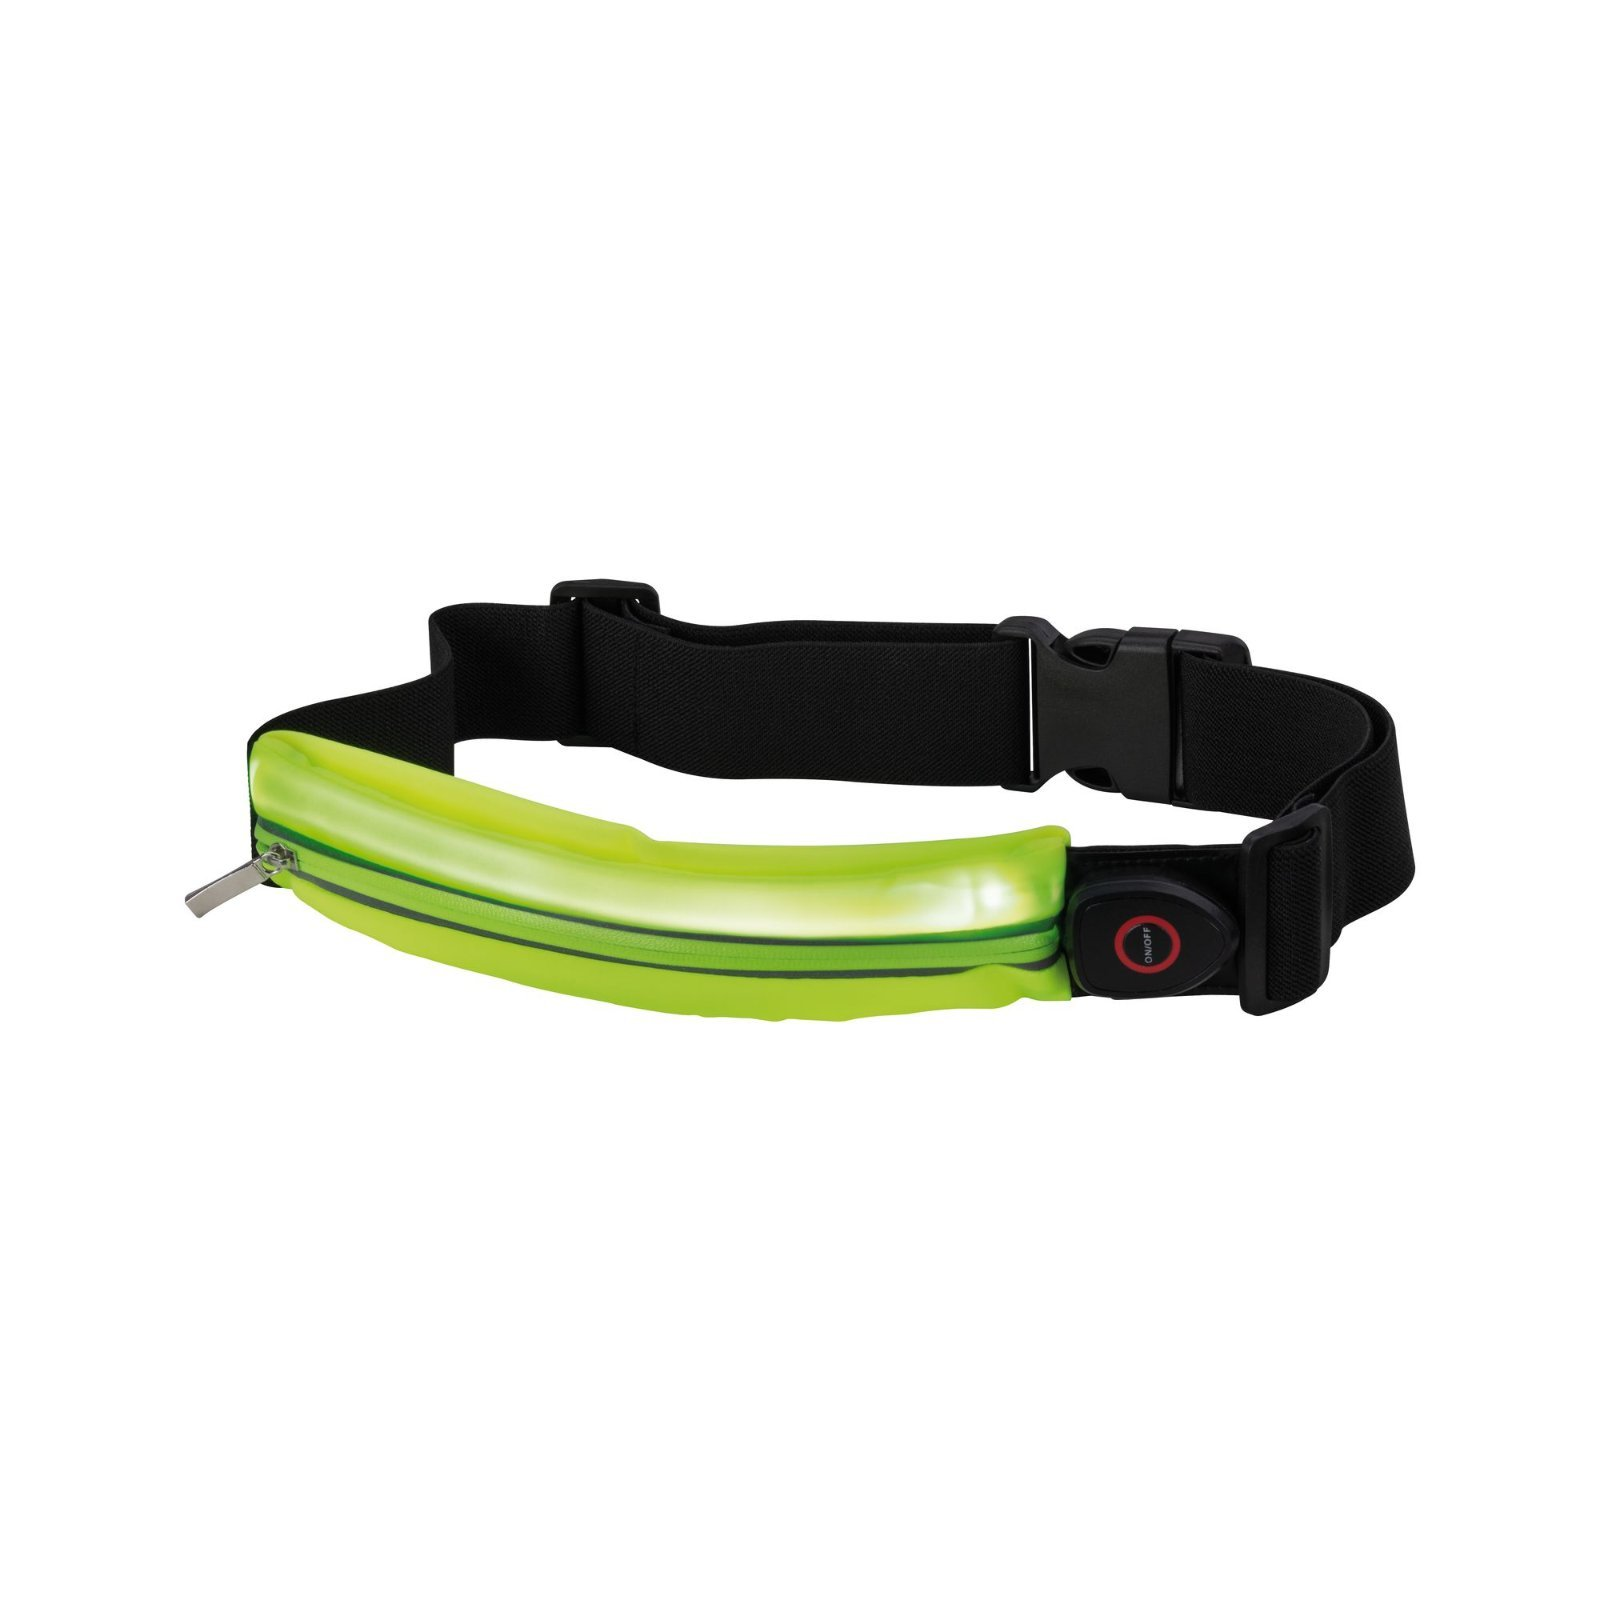 Сумка на талию со светодиодной подсветкой Paulmann Waist bag yellow rechargeable 70969, LED 0,4W, черный, зеленый, текстиль - фото 2